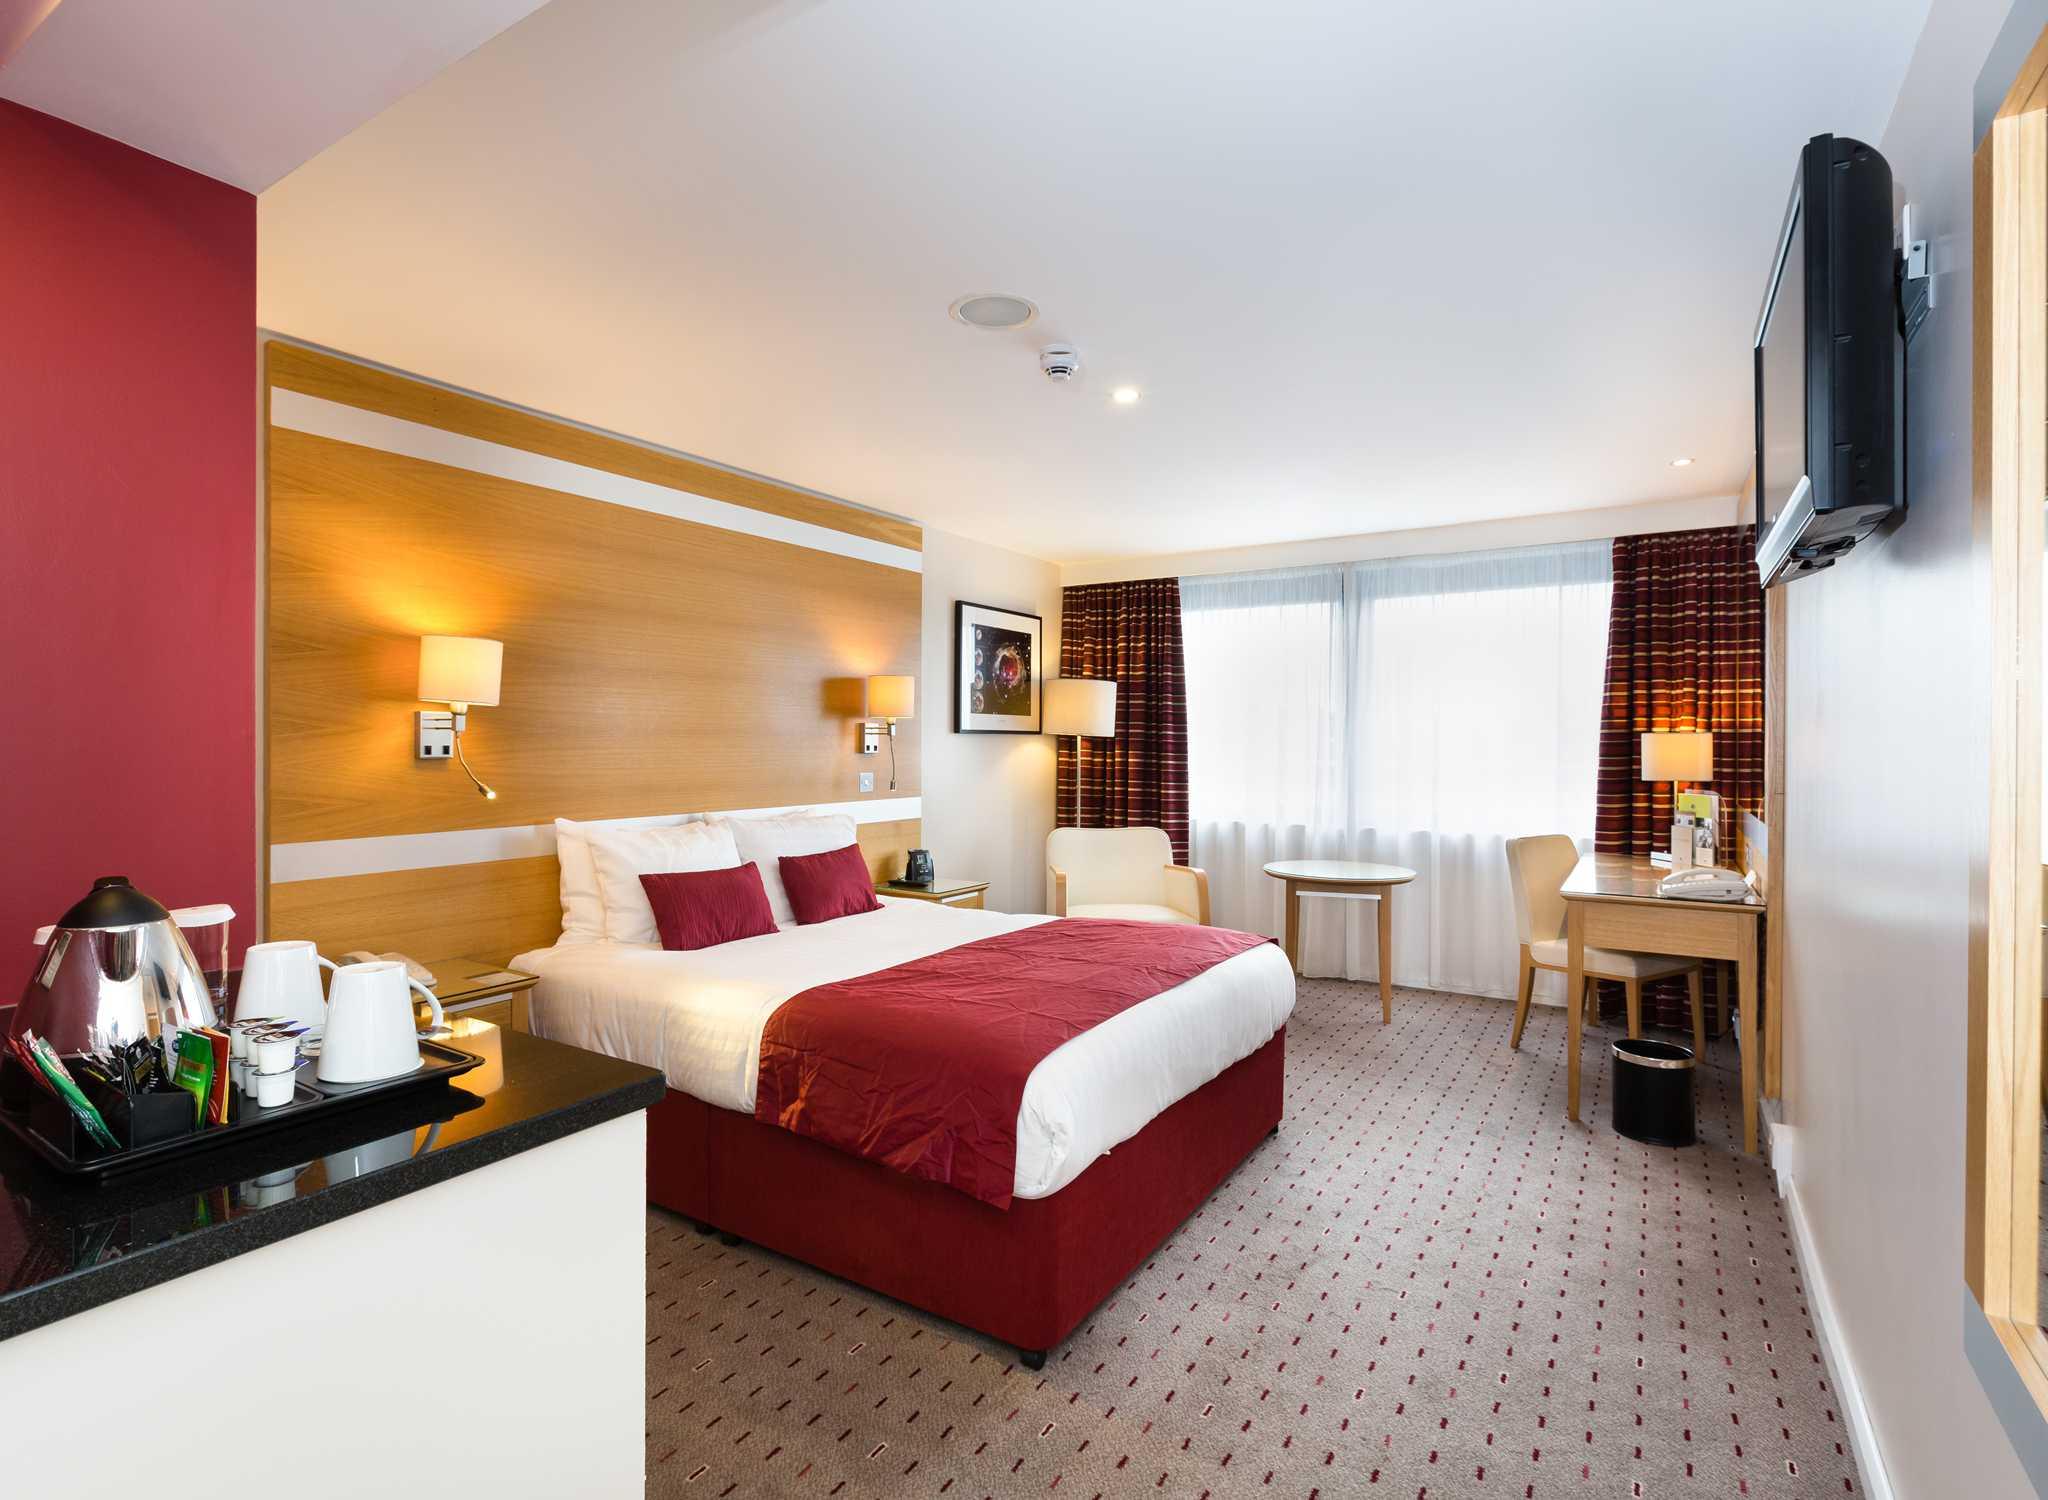 DoubleTree By Hilton Milton Keynes Grossbritannien Zimmer